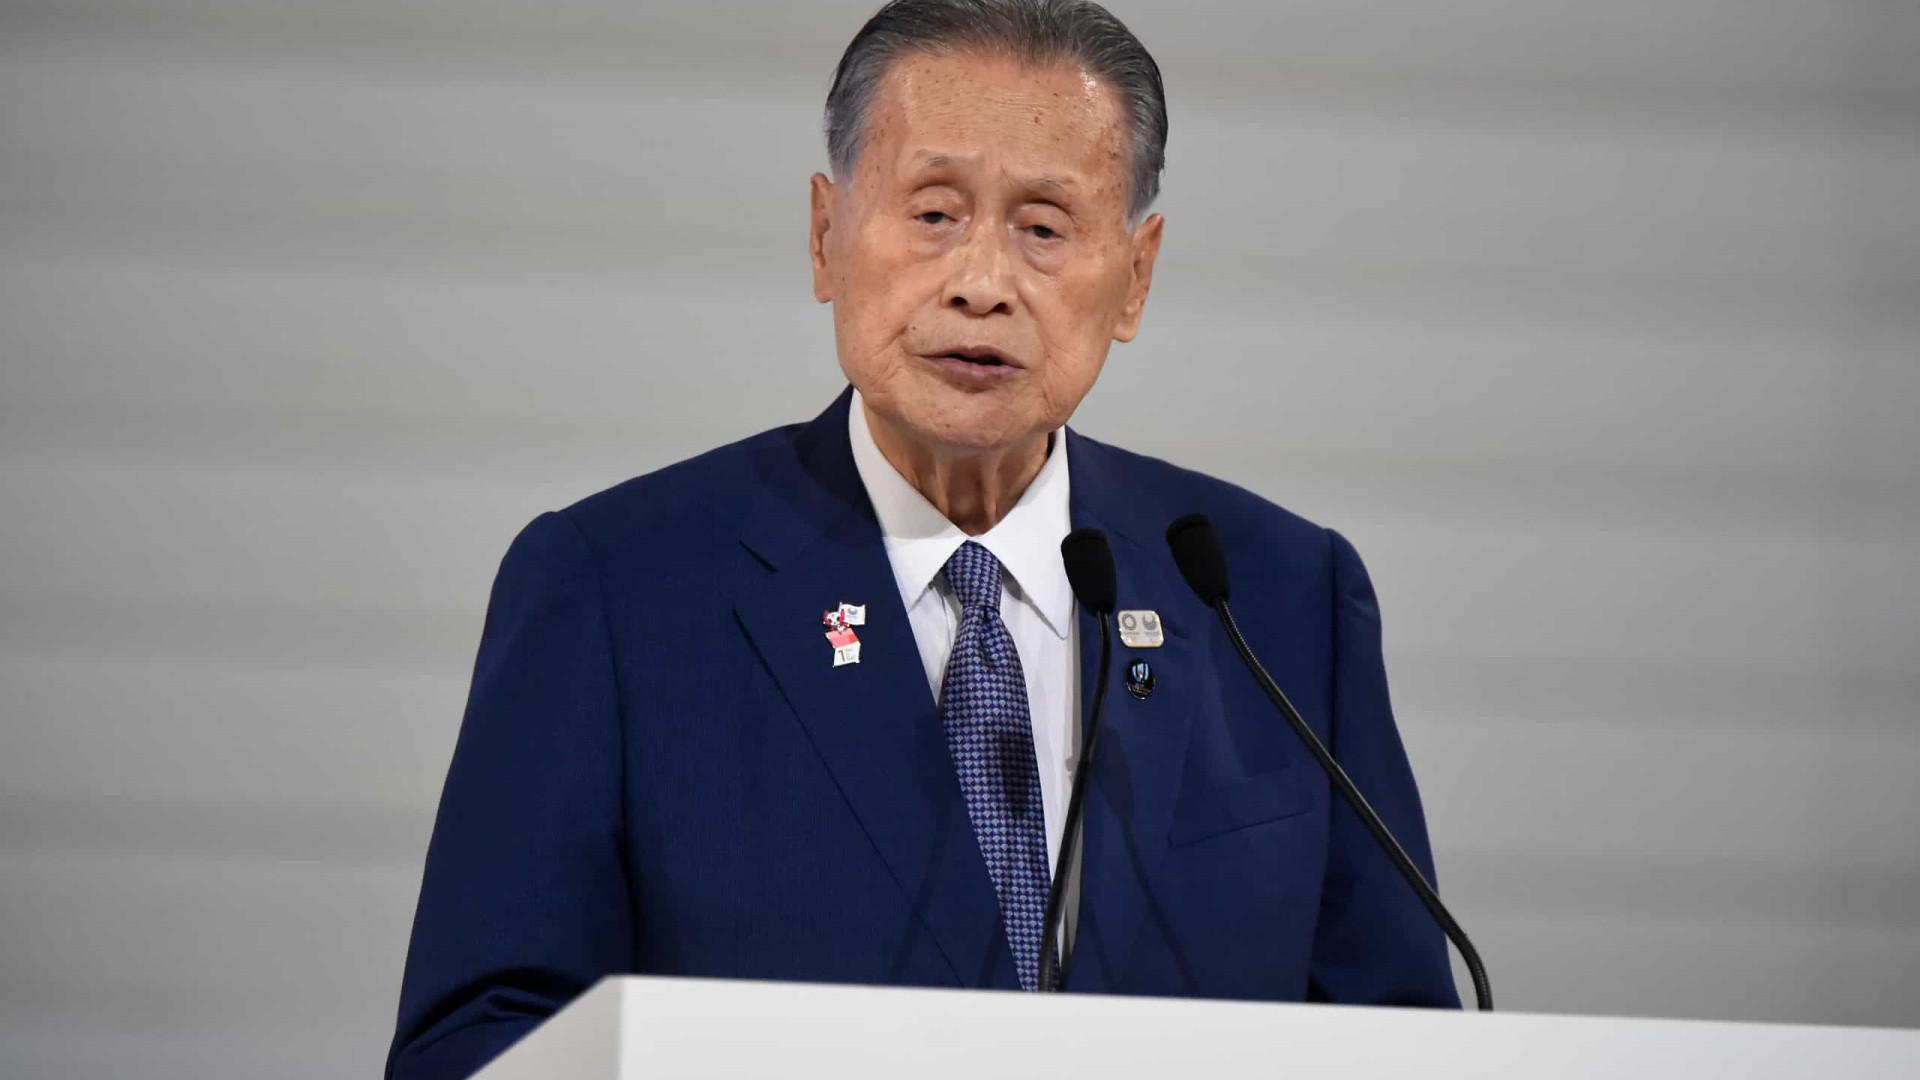 Presidente do Comitê de Tóquio-2020 renuncia após polêmica por falas machistas